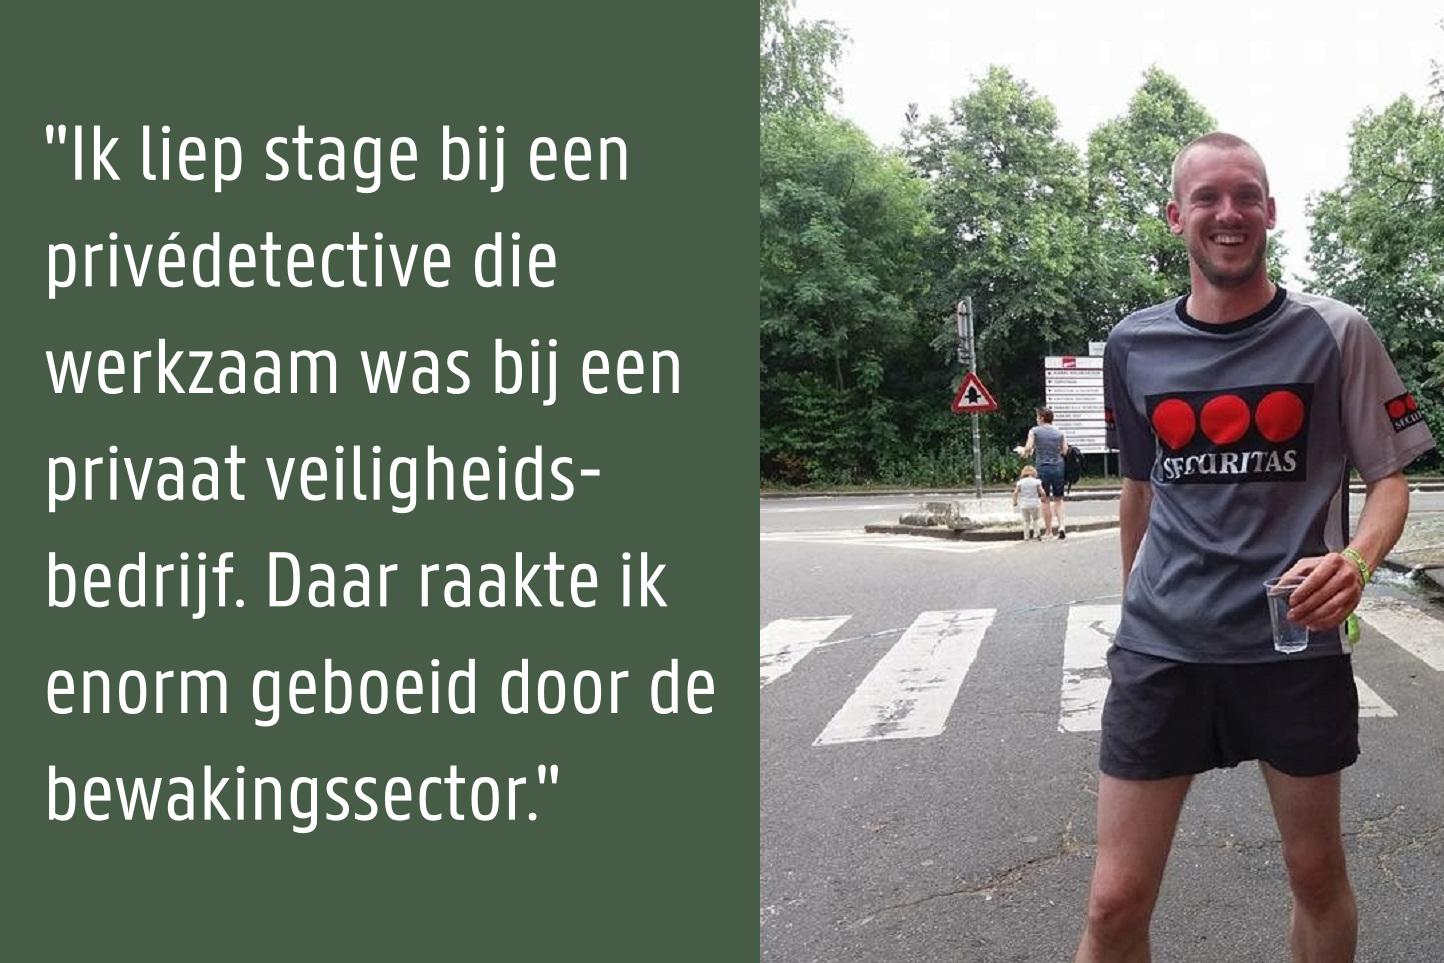 David De Bock - Hoofd bewaking bij Securitas voor de Forensische Psychiatrische Centra Gent en Antwerpen